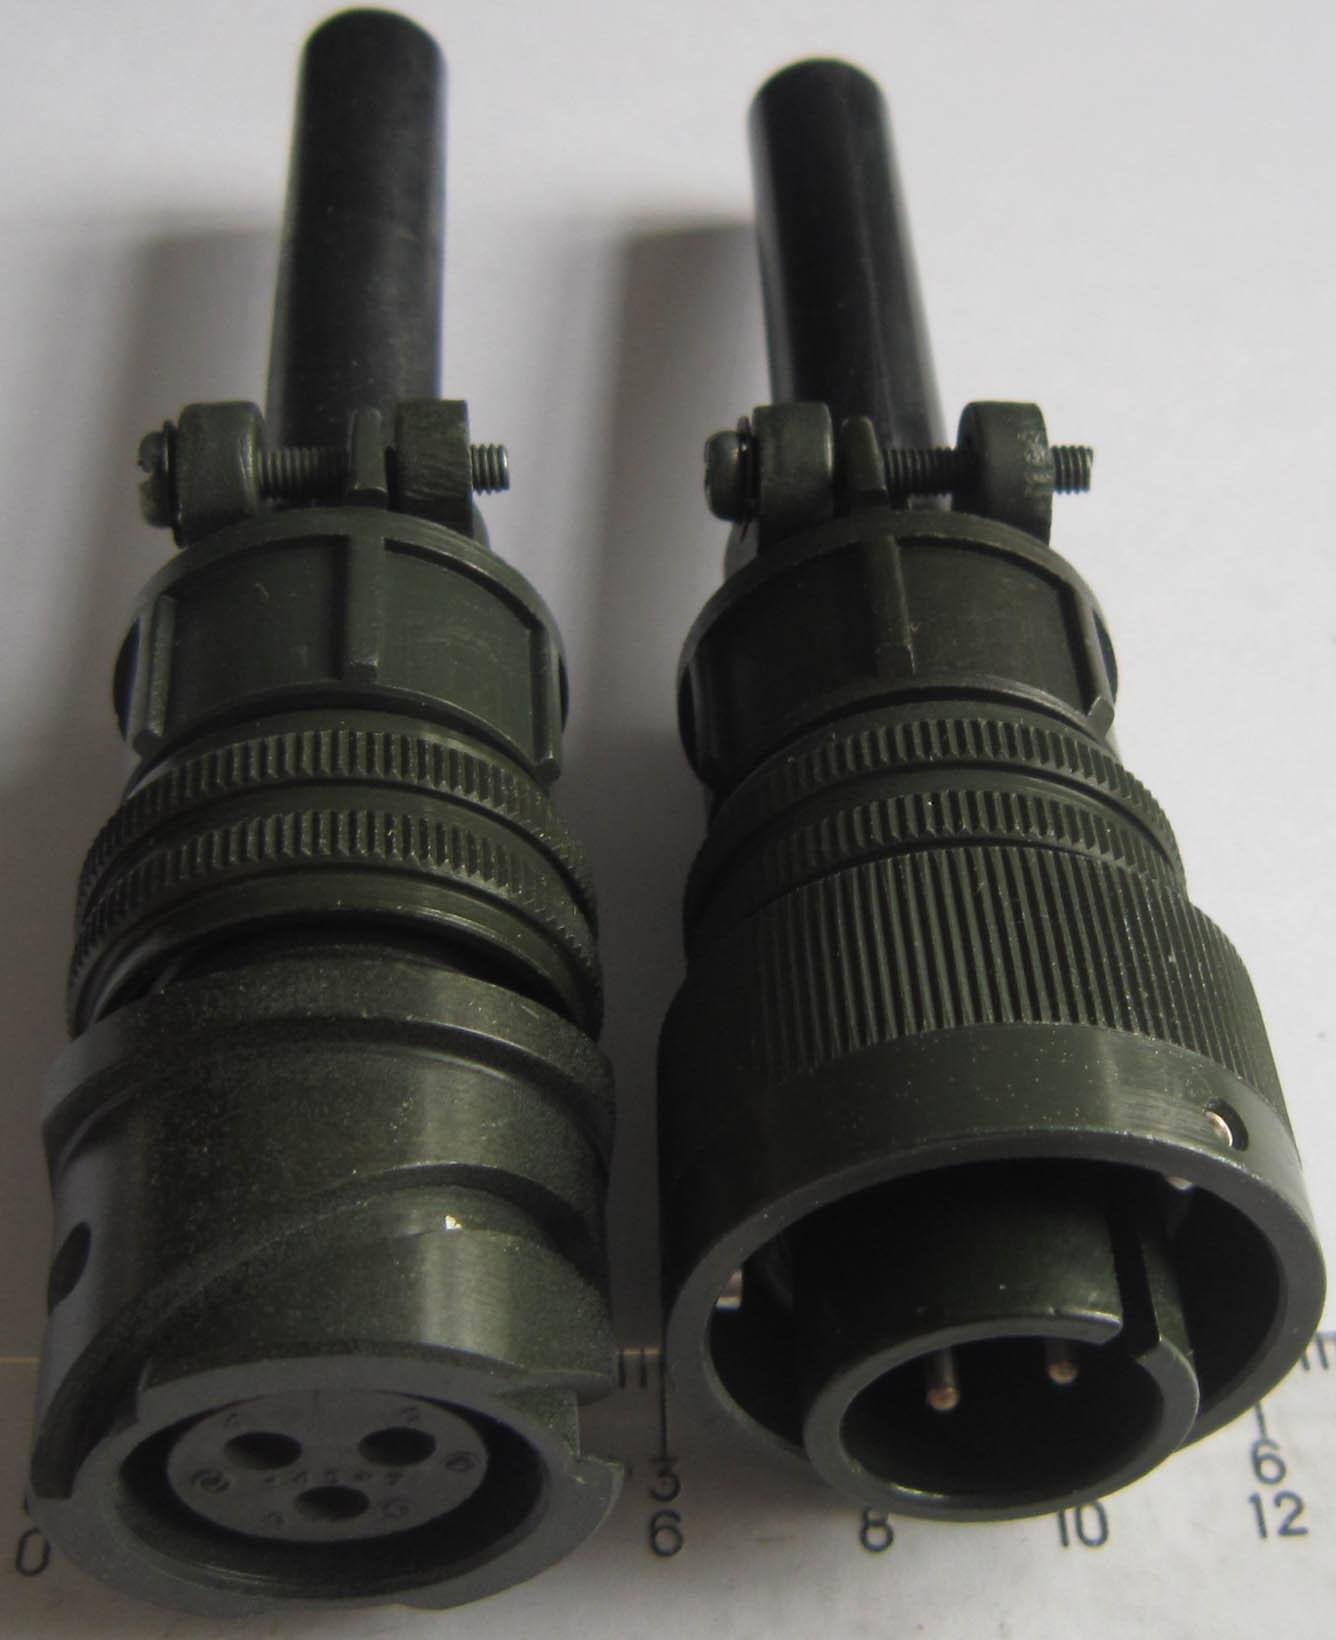 卡口插拔电连接器,航空插头 6